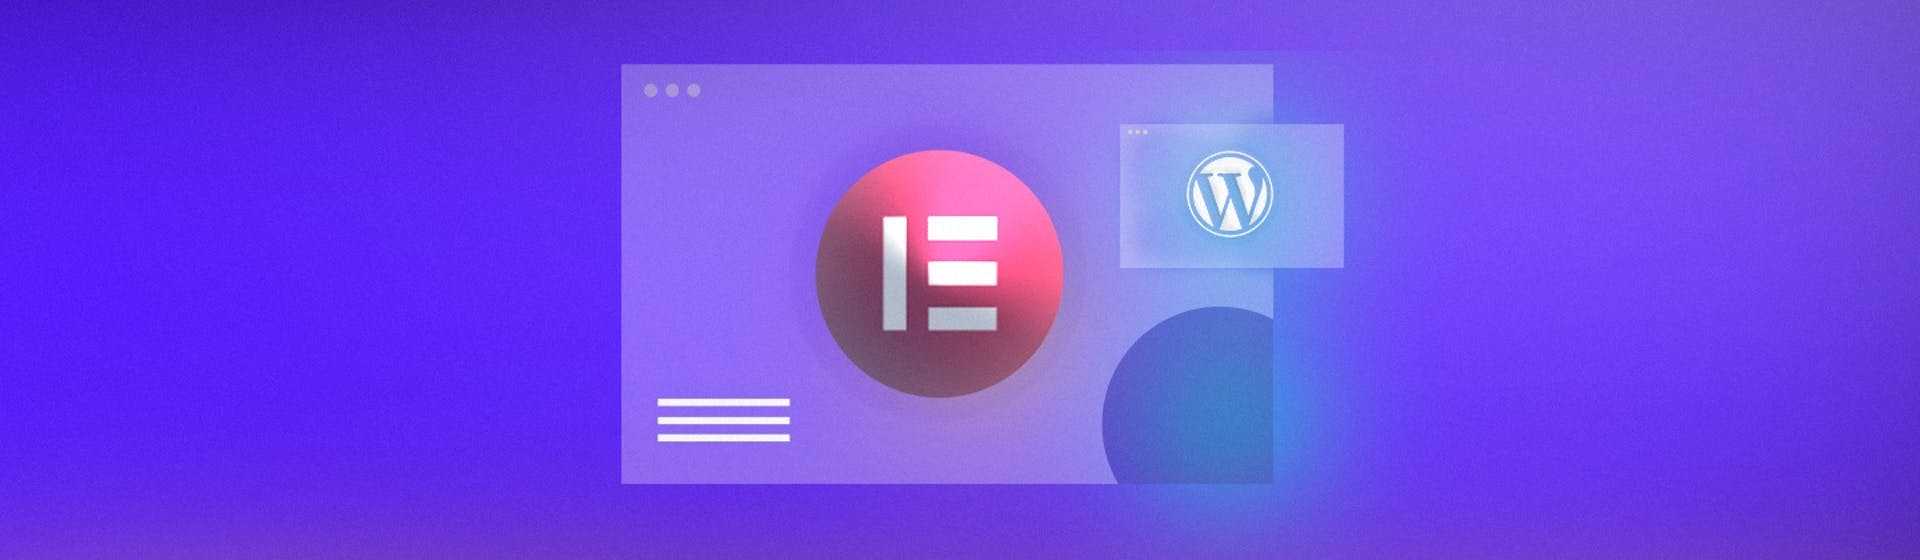 Conoce Elementor en WordPress ¡y deja de sufrir para diseñar sitios web!